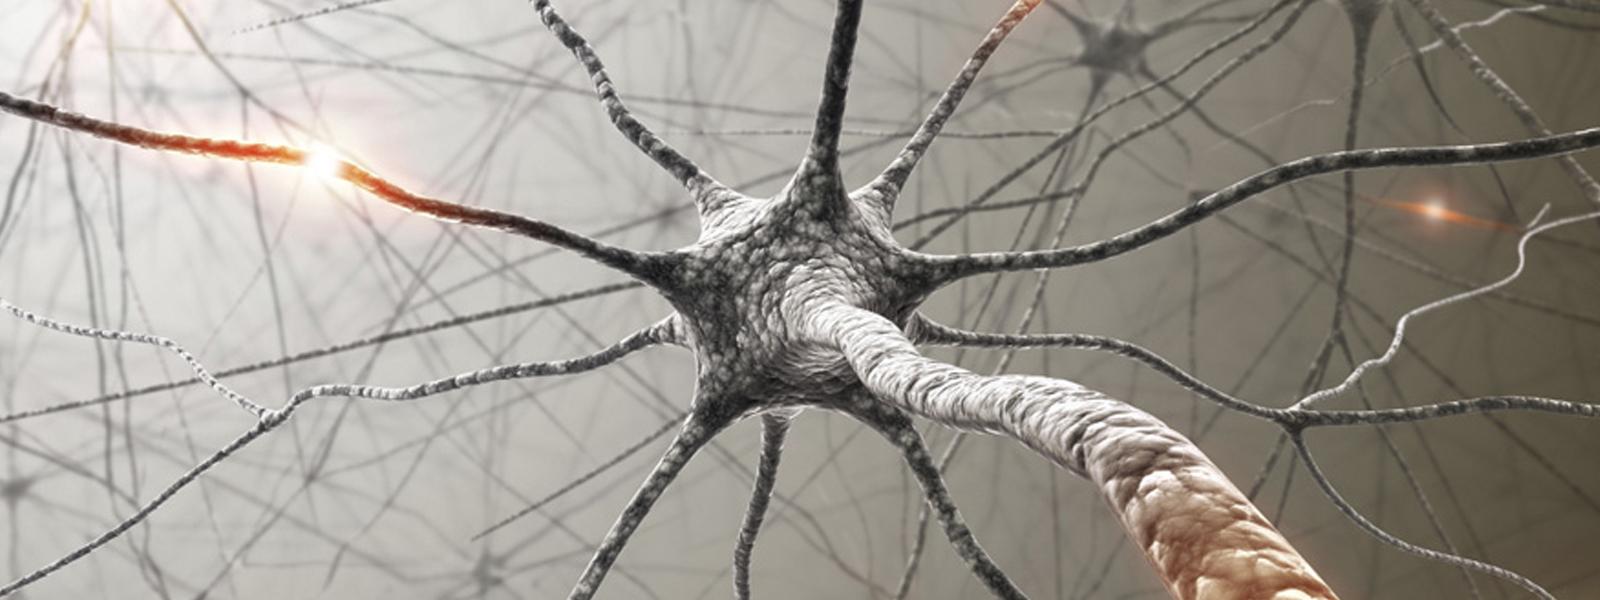 neuropain